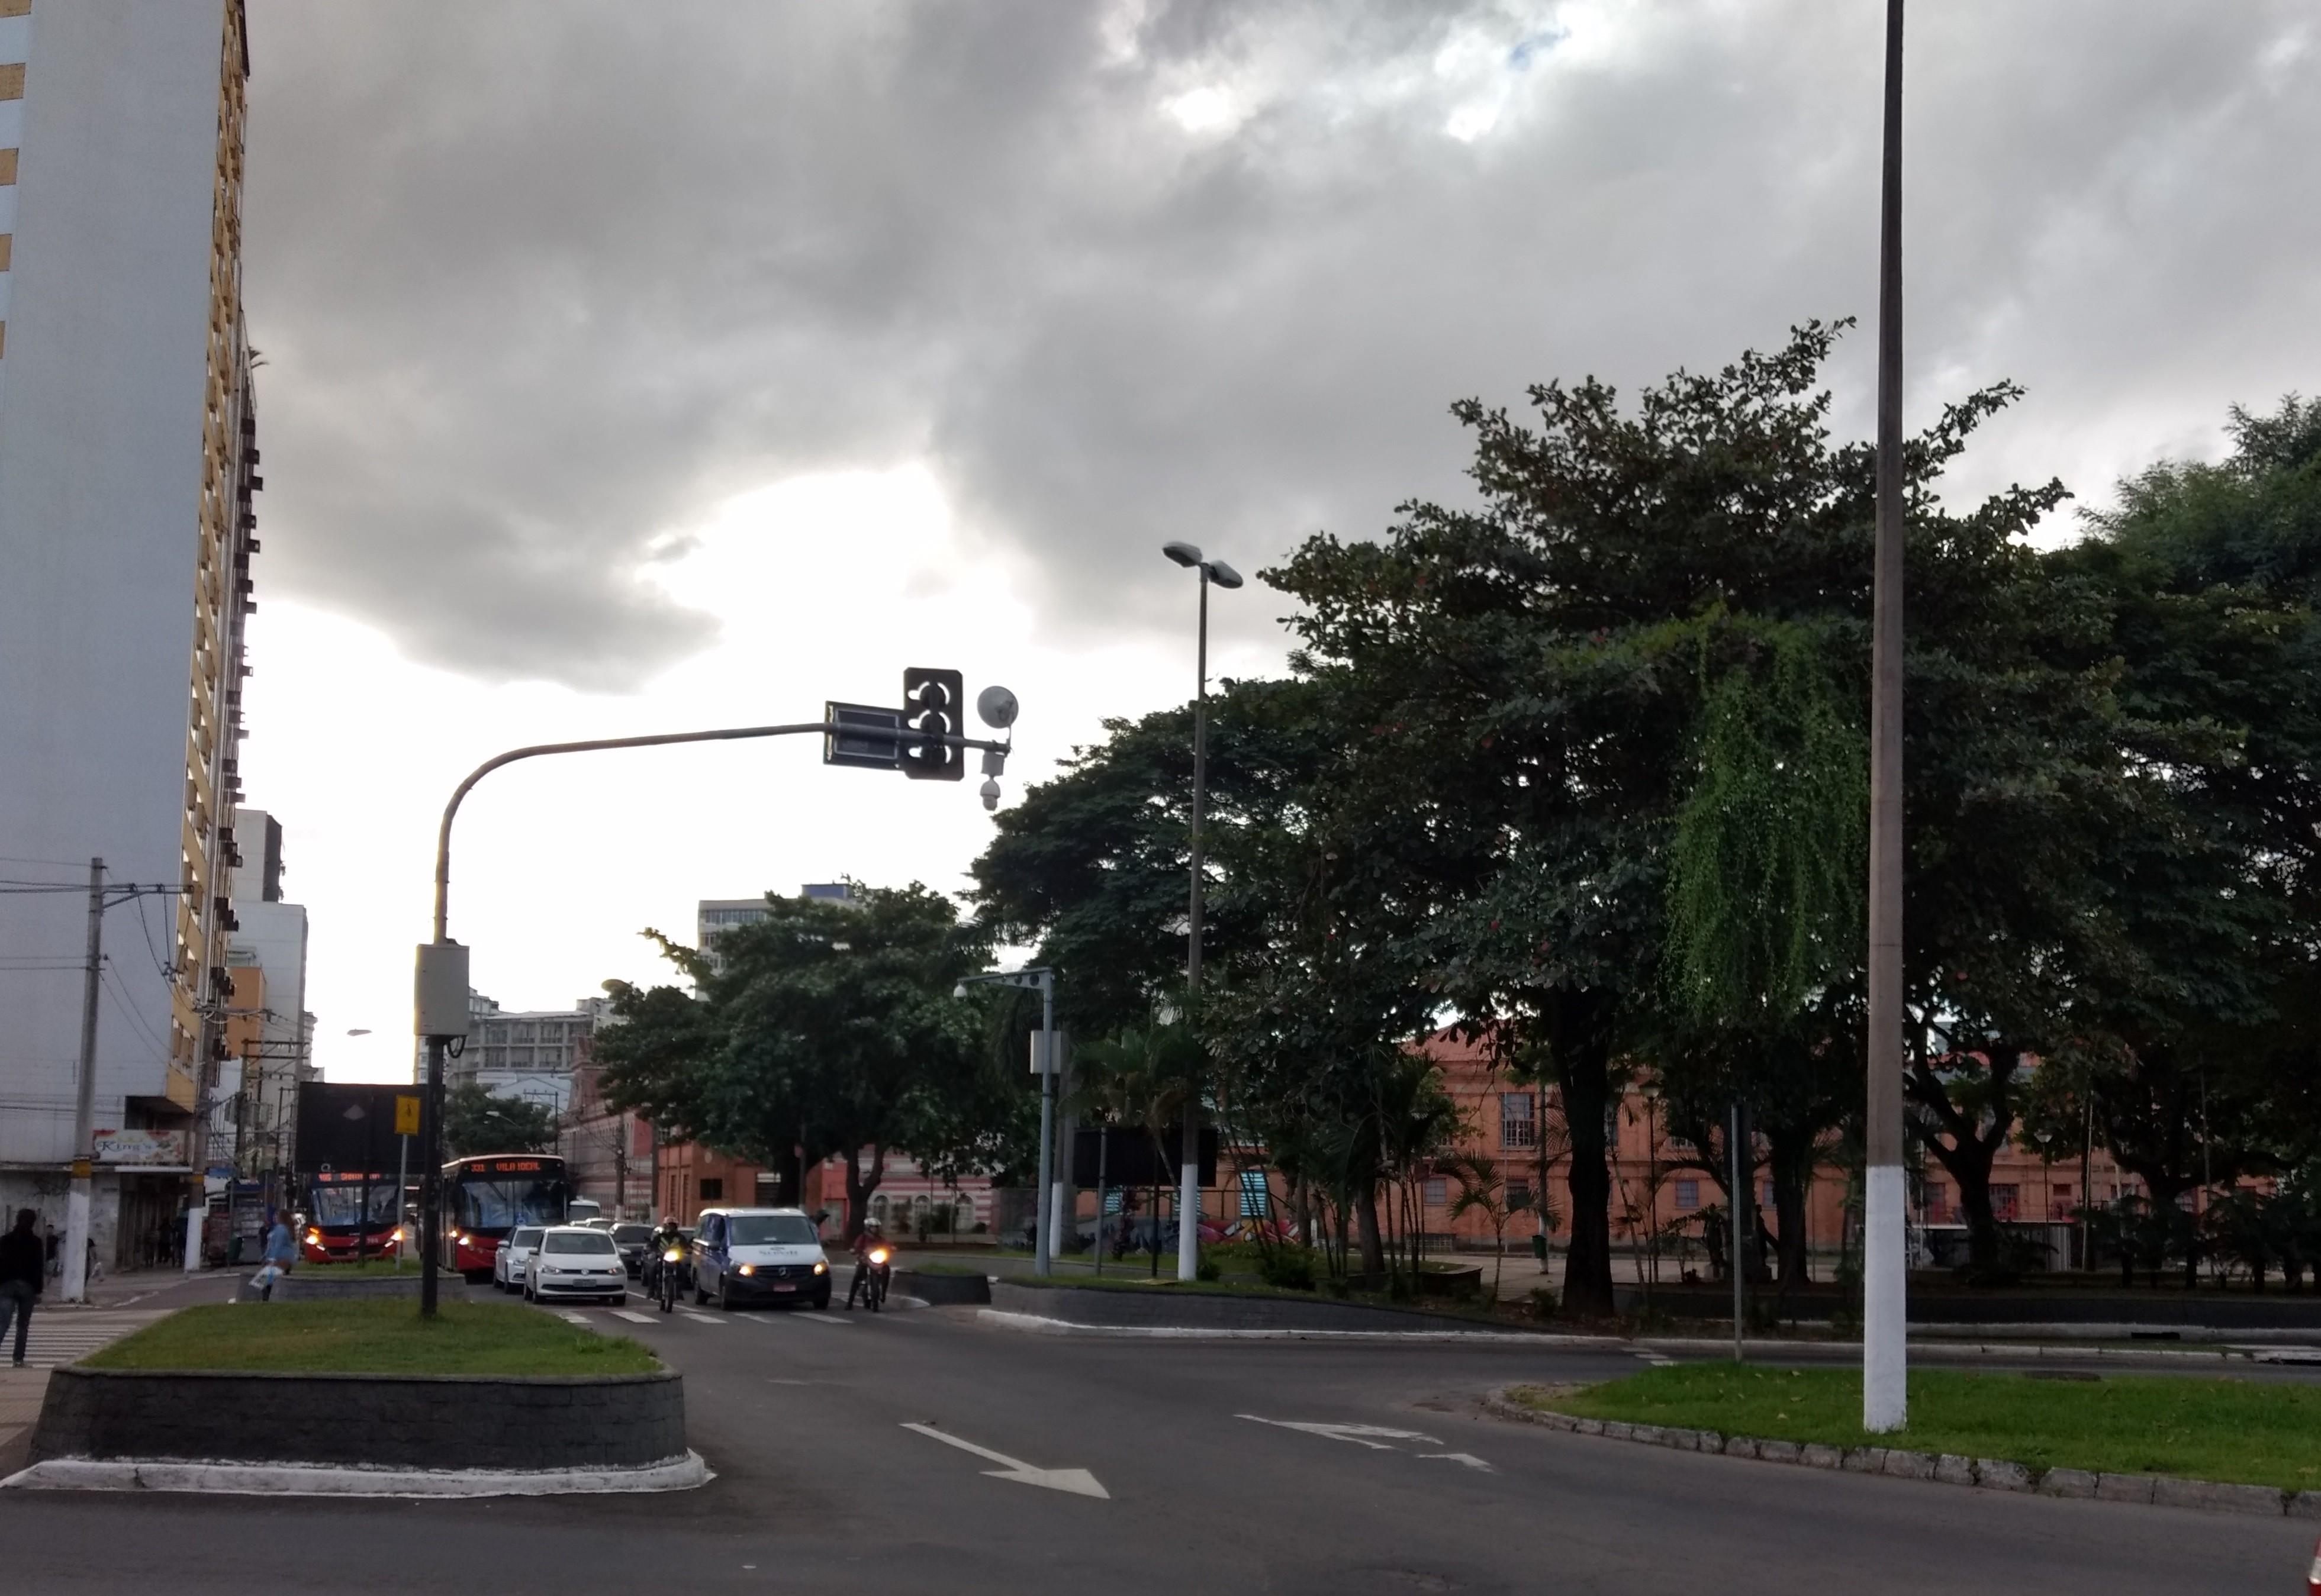 Fim de semana tem previsão de pancadas de chuva para as cidades da Zona da Mata e Campo das Vertentes - Notícias - Plantão Diário